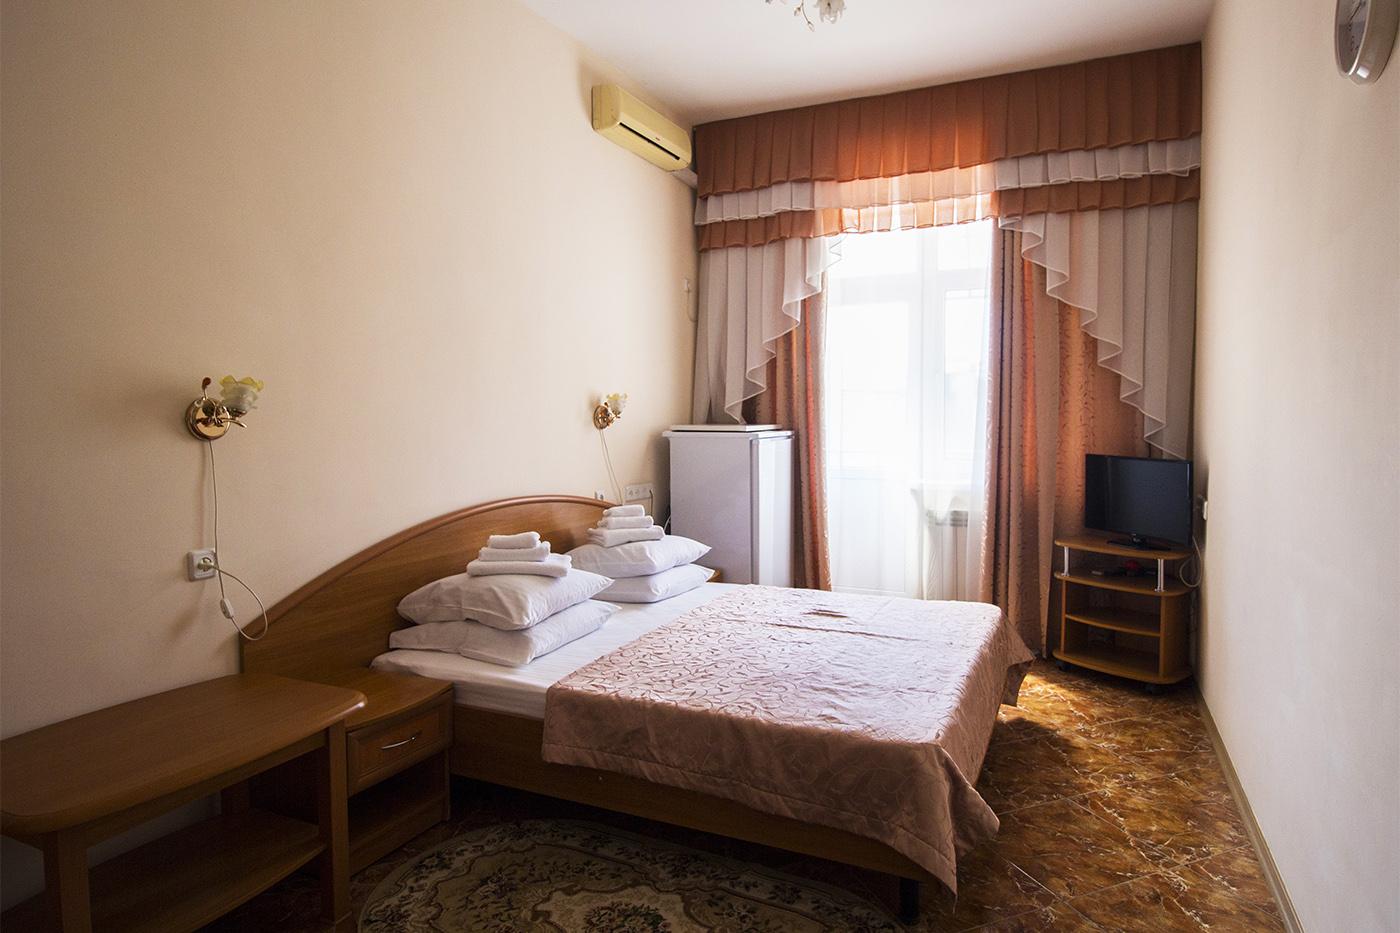 1-комнатный 2-местный номер СТАНДАРТ I категории, корпус № 28/2, 96/6. Санаторий им. Пирогова. Саки